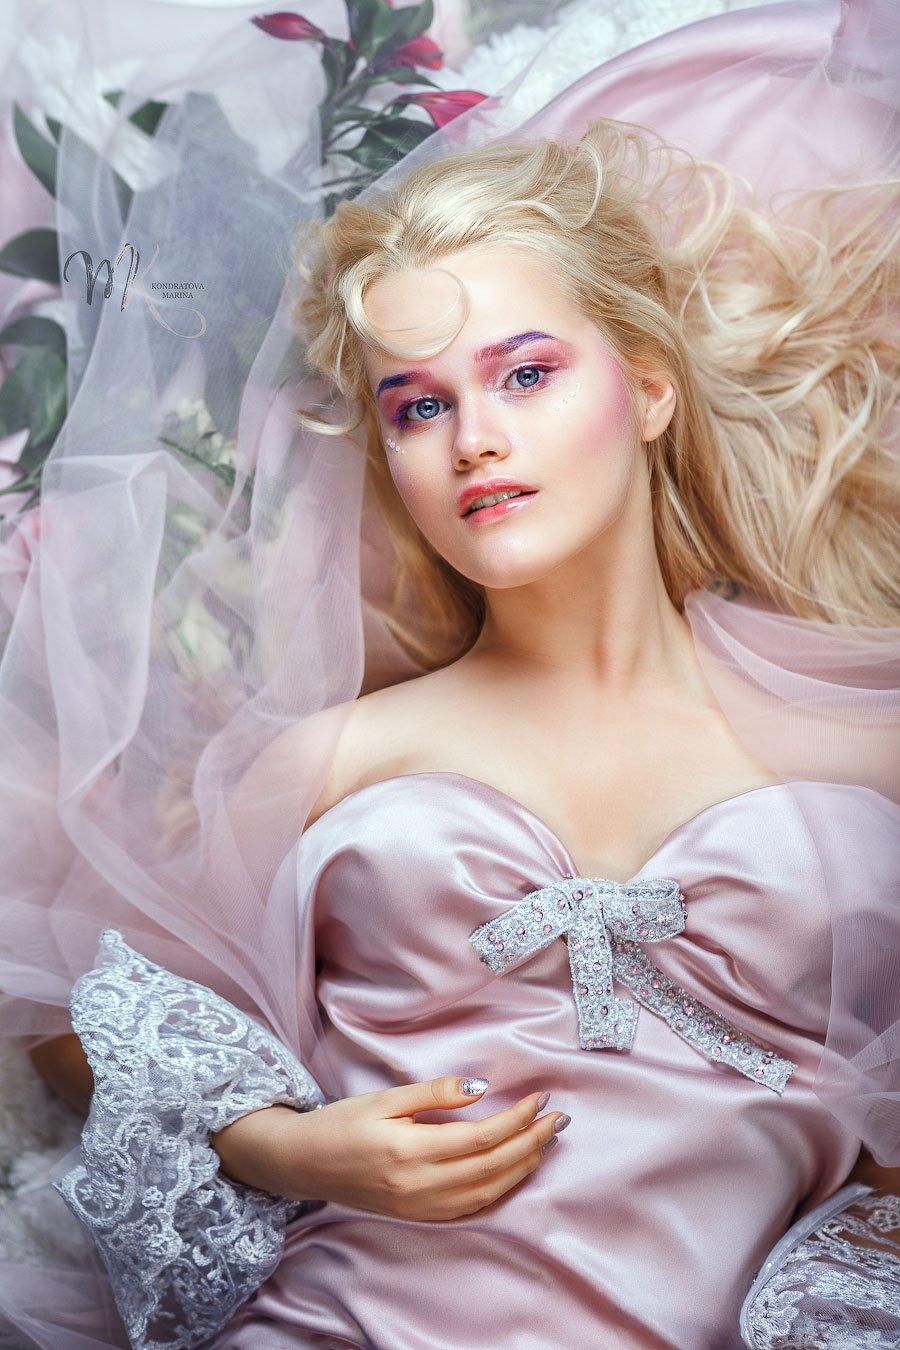 арт, художественный, мода, портрет, обложка журнала, макияж, цветы, студия, студийный, красота, розовый, гламур, кружева, блондинка, весенний, белокурый, красивая девушка, сказочный, Марина Кондратова